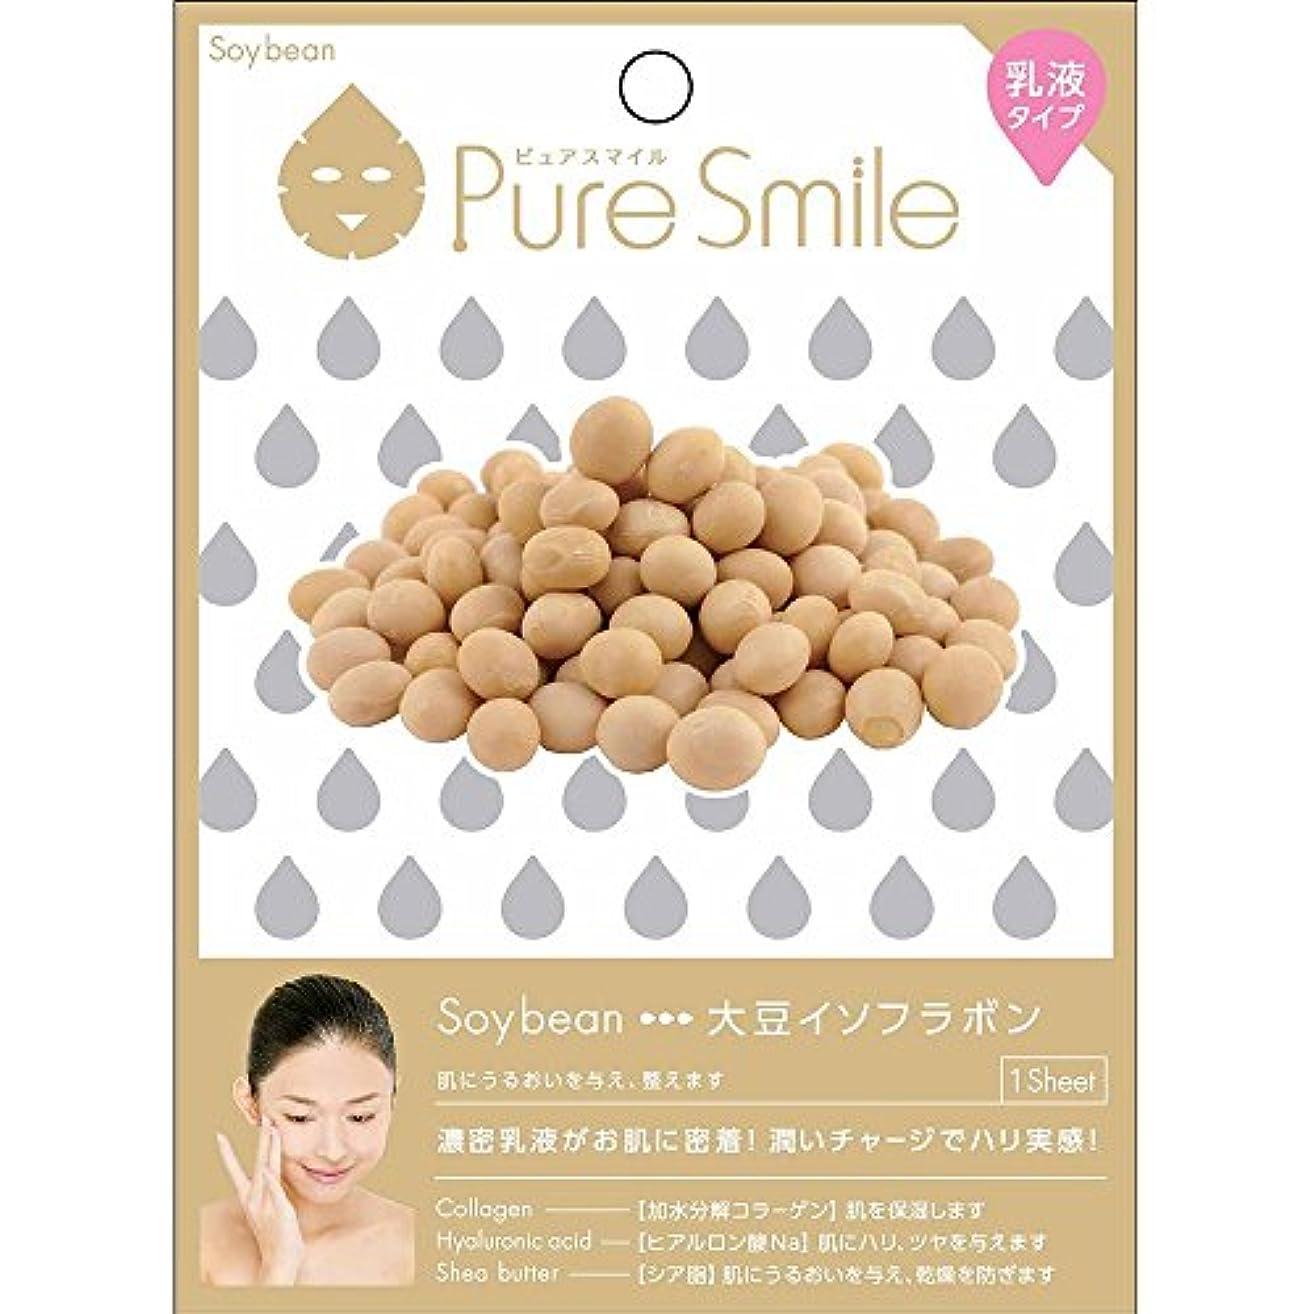 混乱入場配偶者Pure Smile(ピュアスマイル) 乳液エッセンスマスク 1 枚 大豆イソフラボン